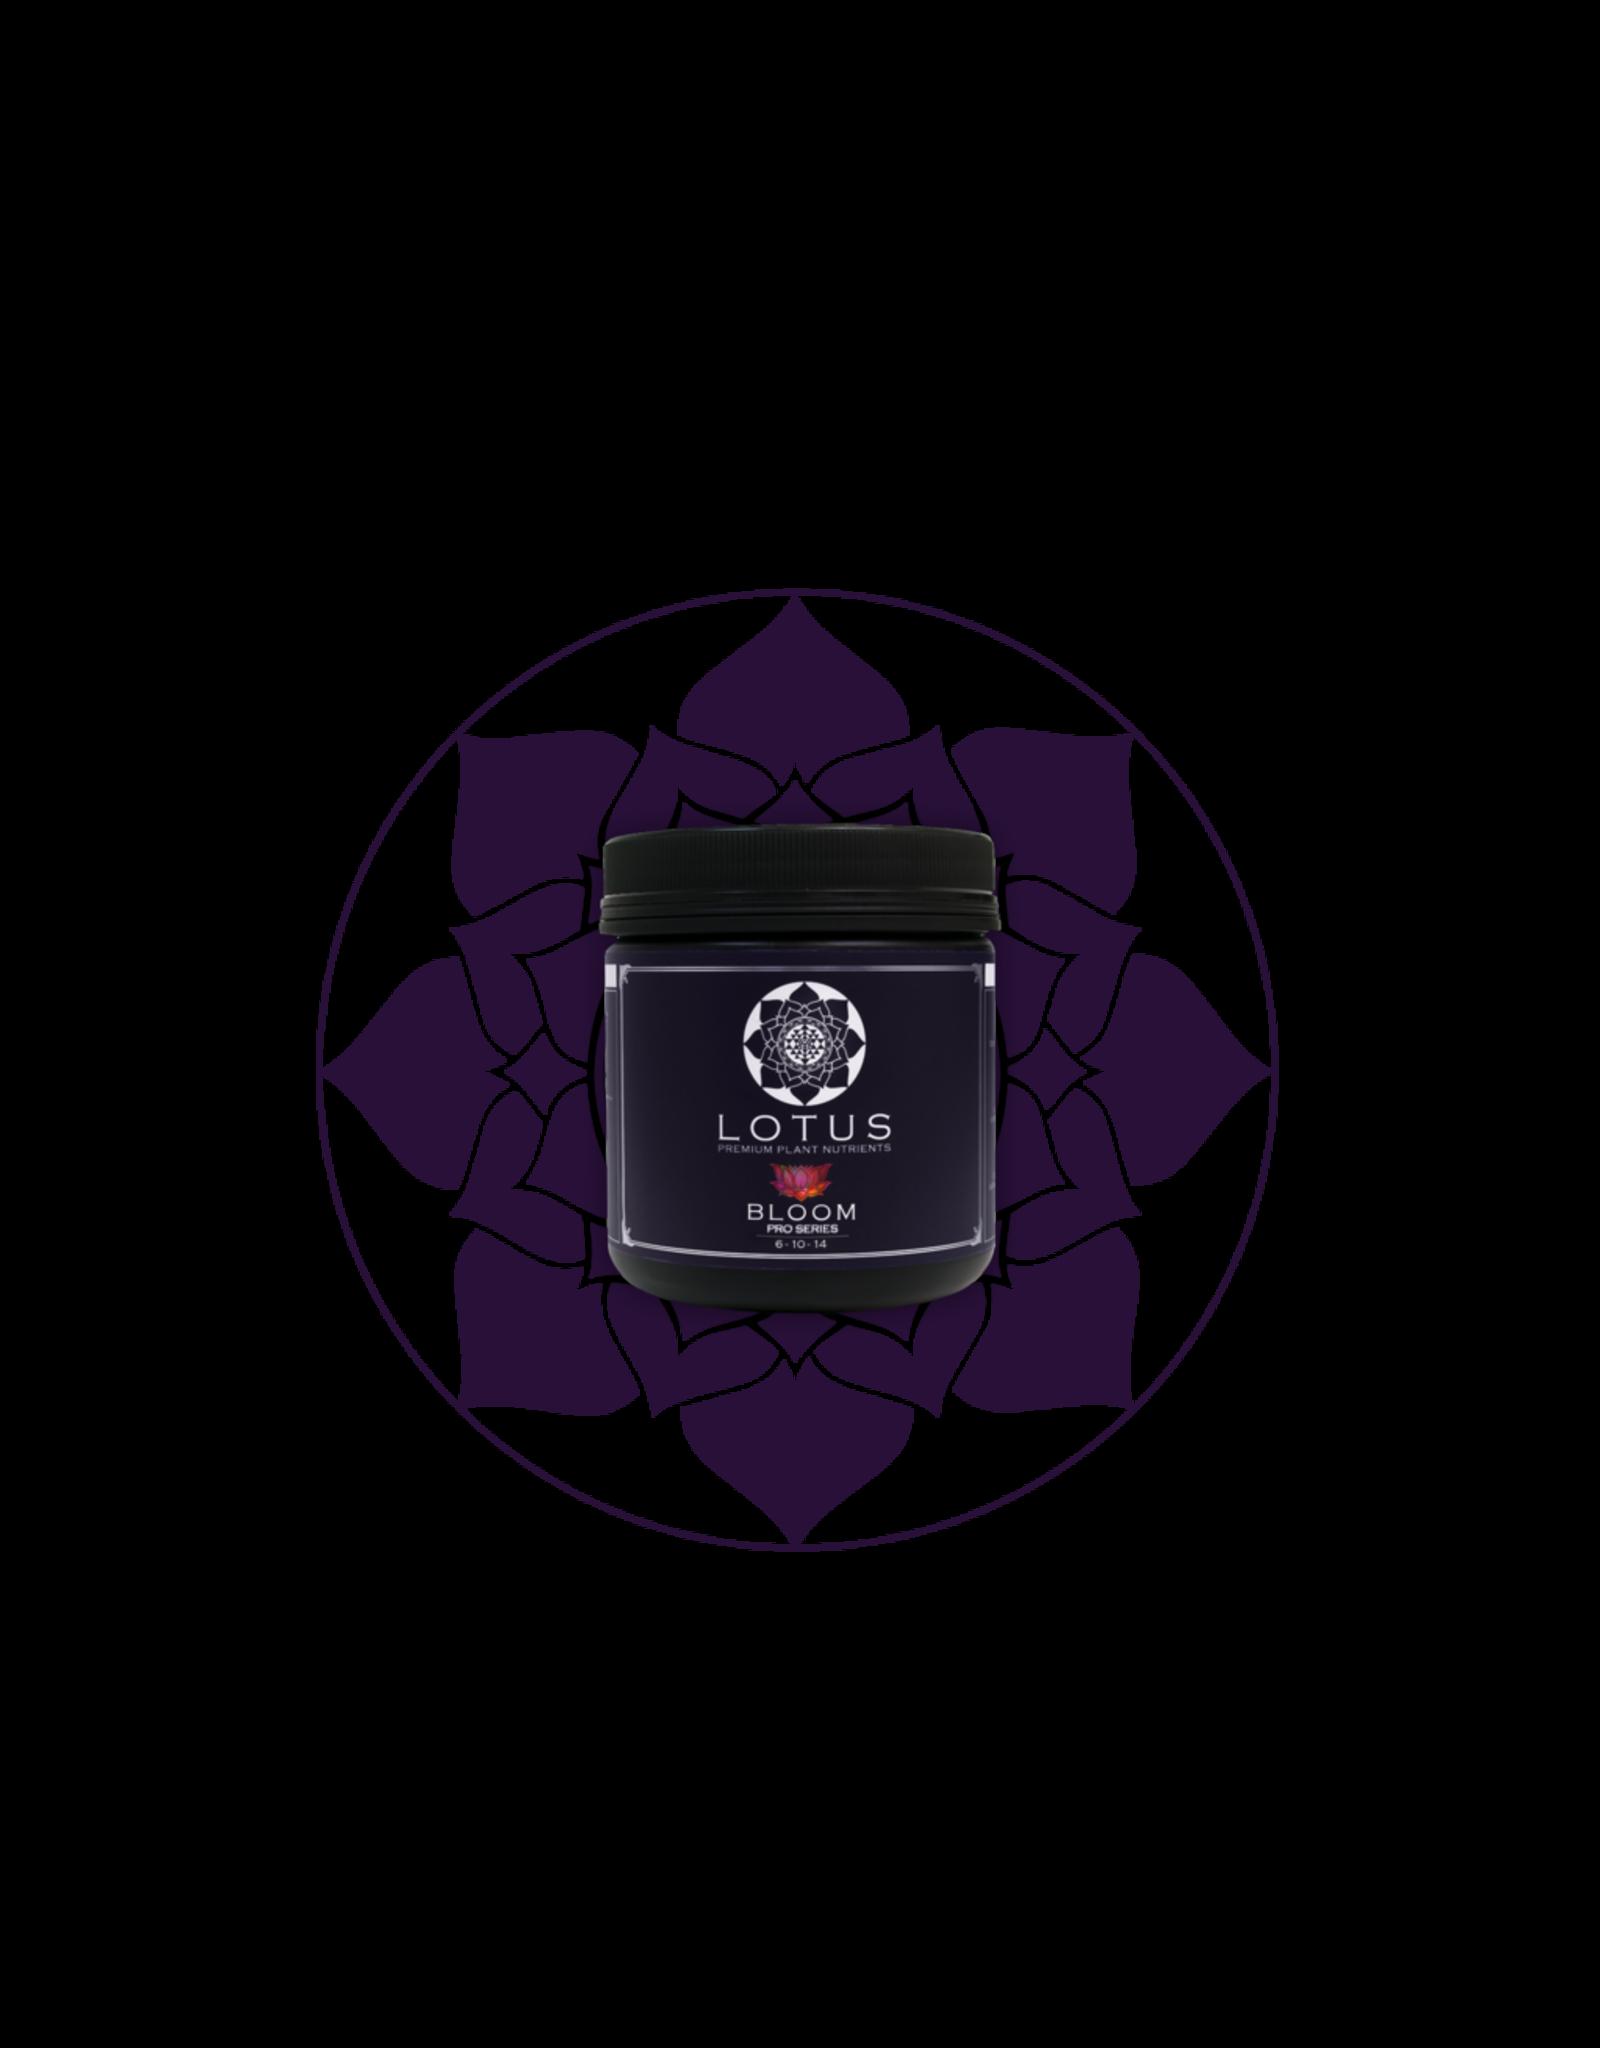 LOTUS Lotus Pro Series Bloom - 16 oz